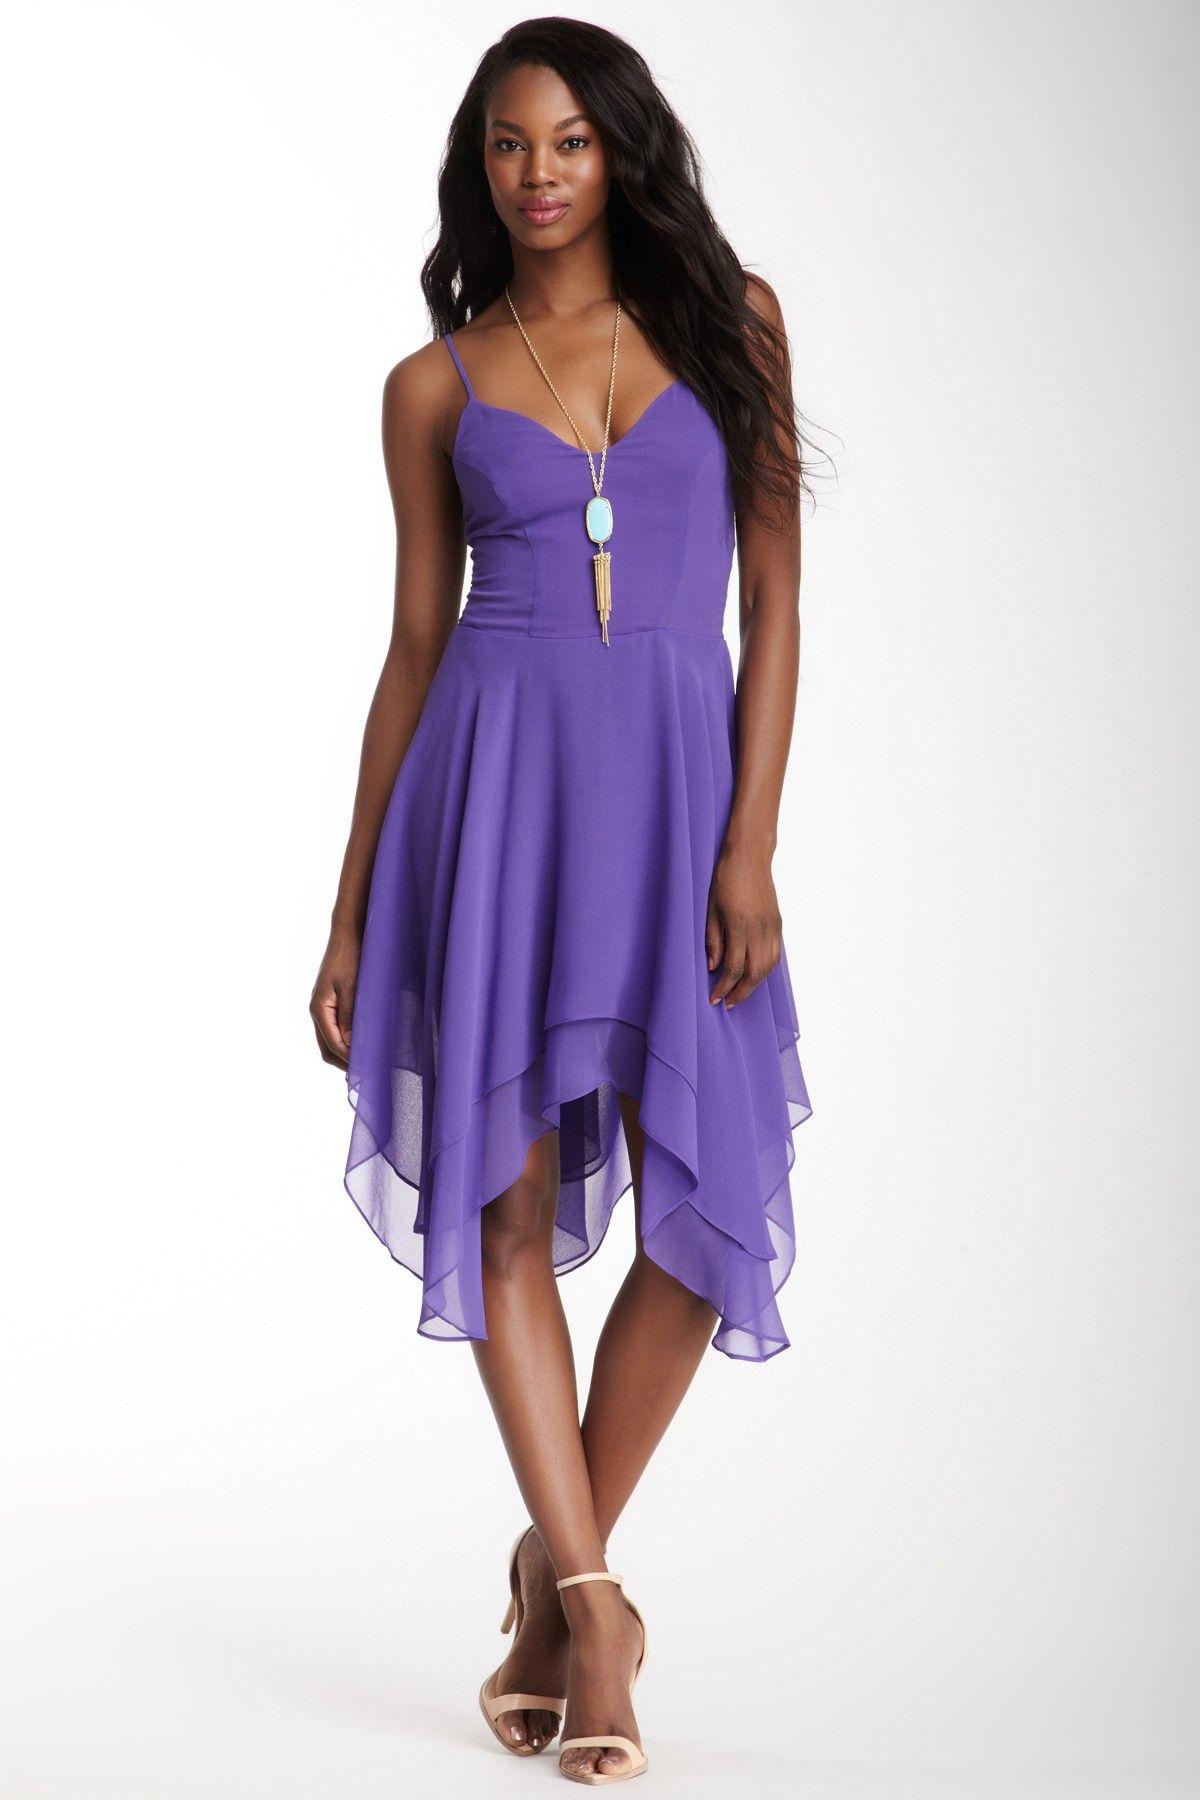 Pin de Hegar Jimenez en Moda femenina   Pinterest   Ropa linda, Moda ...